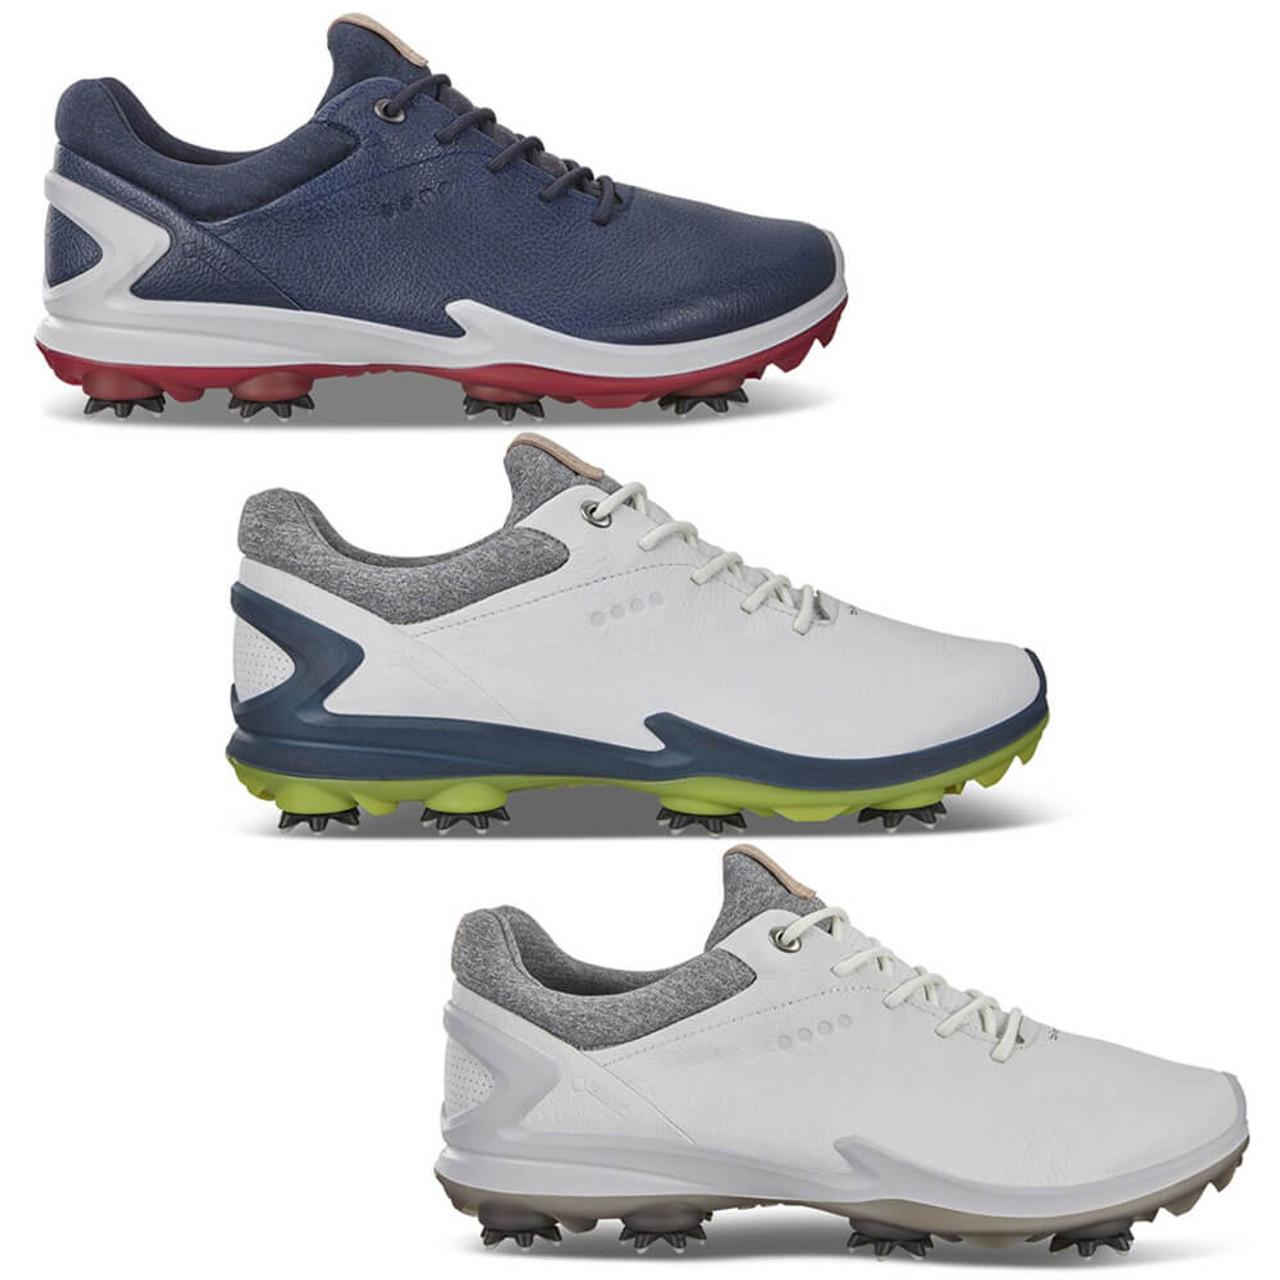 ECCO BIOM G3 Golf Shoes 2019 - Golfio